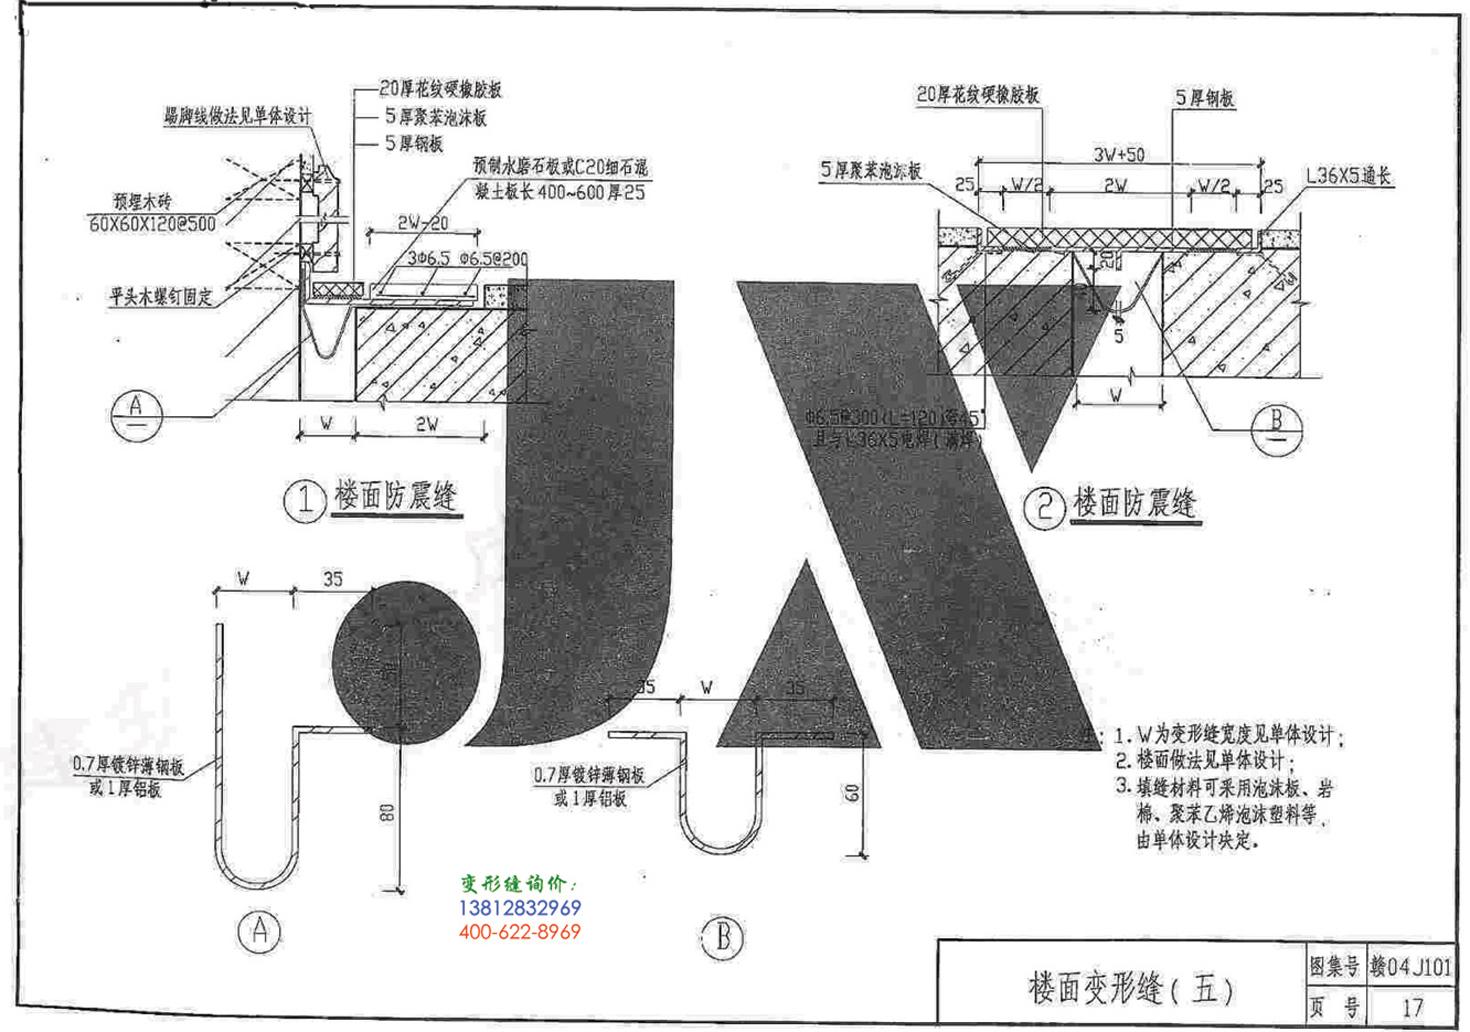 赣04J101变形缝图集p17